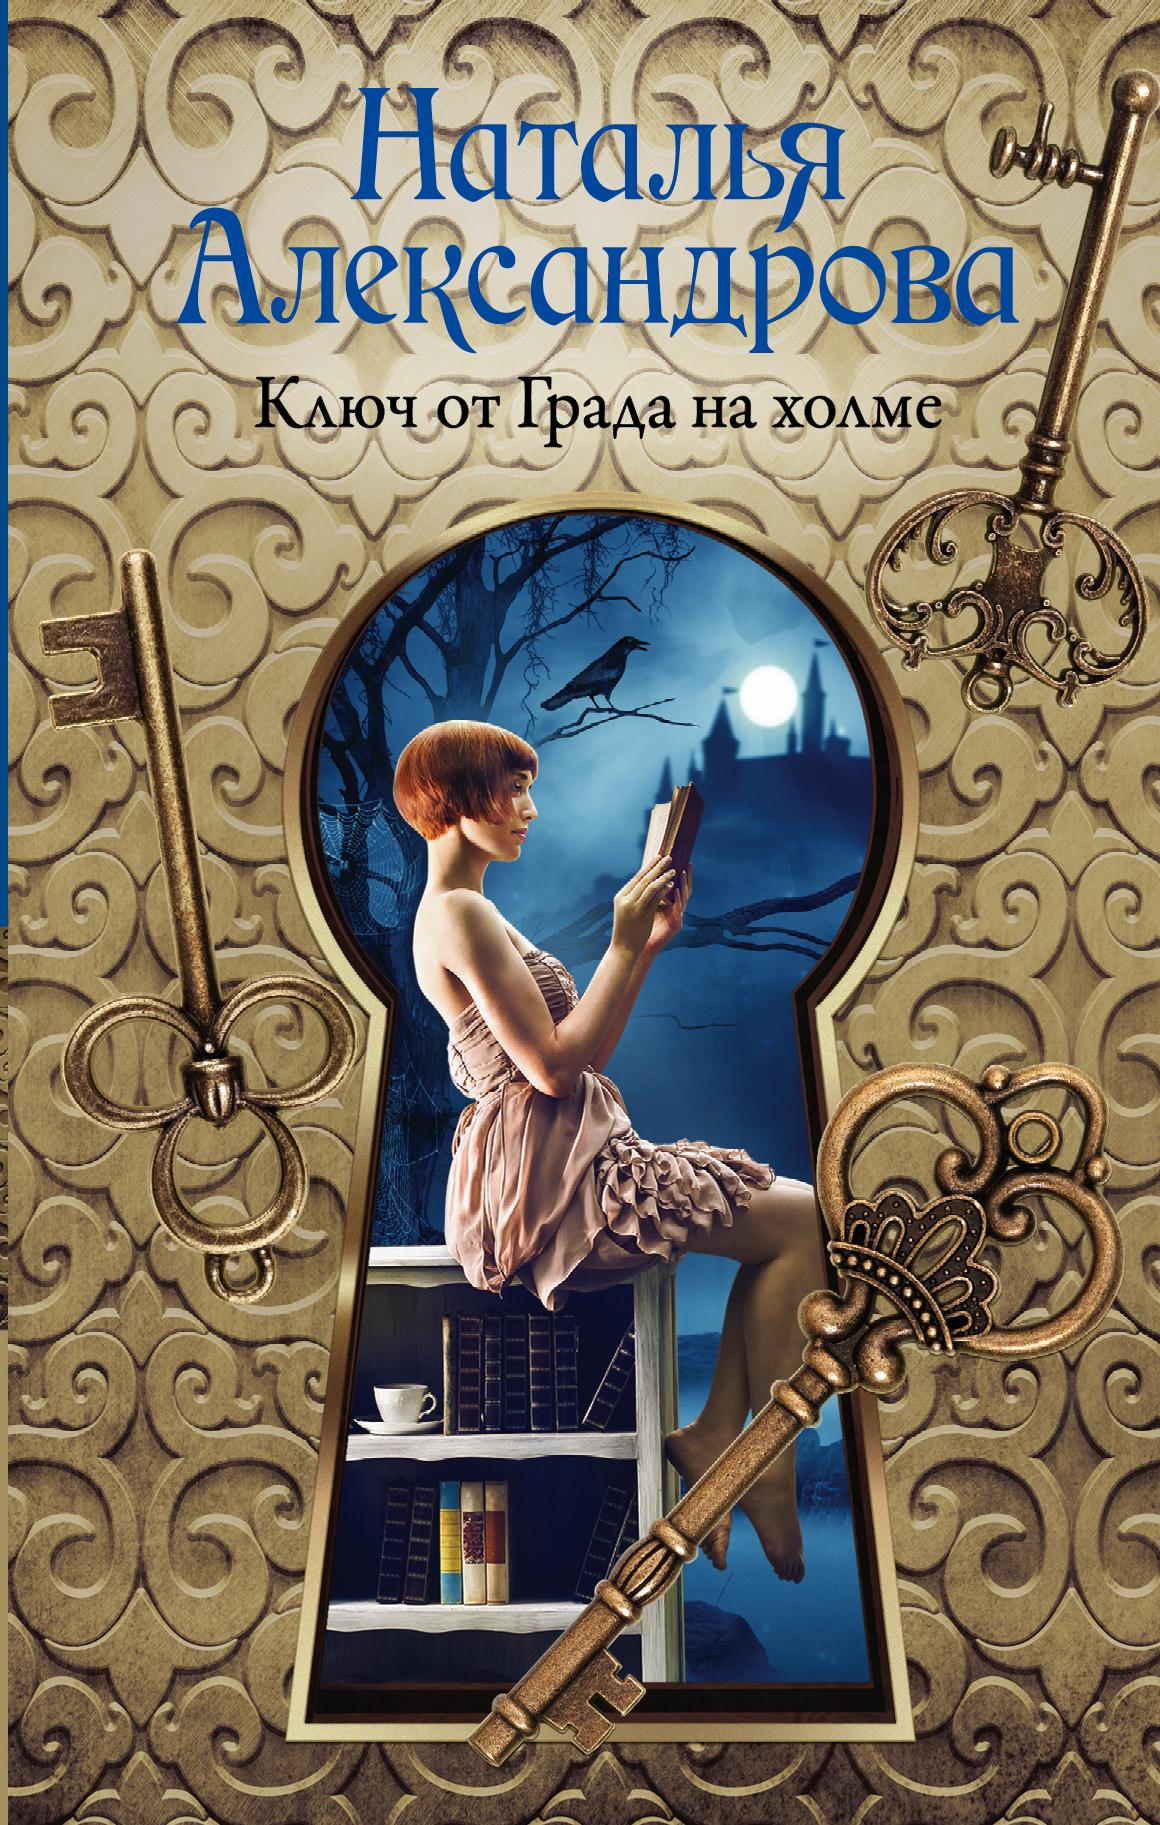 Наталья Александрова Ключ от Града на холме